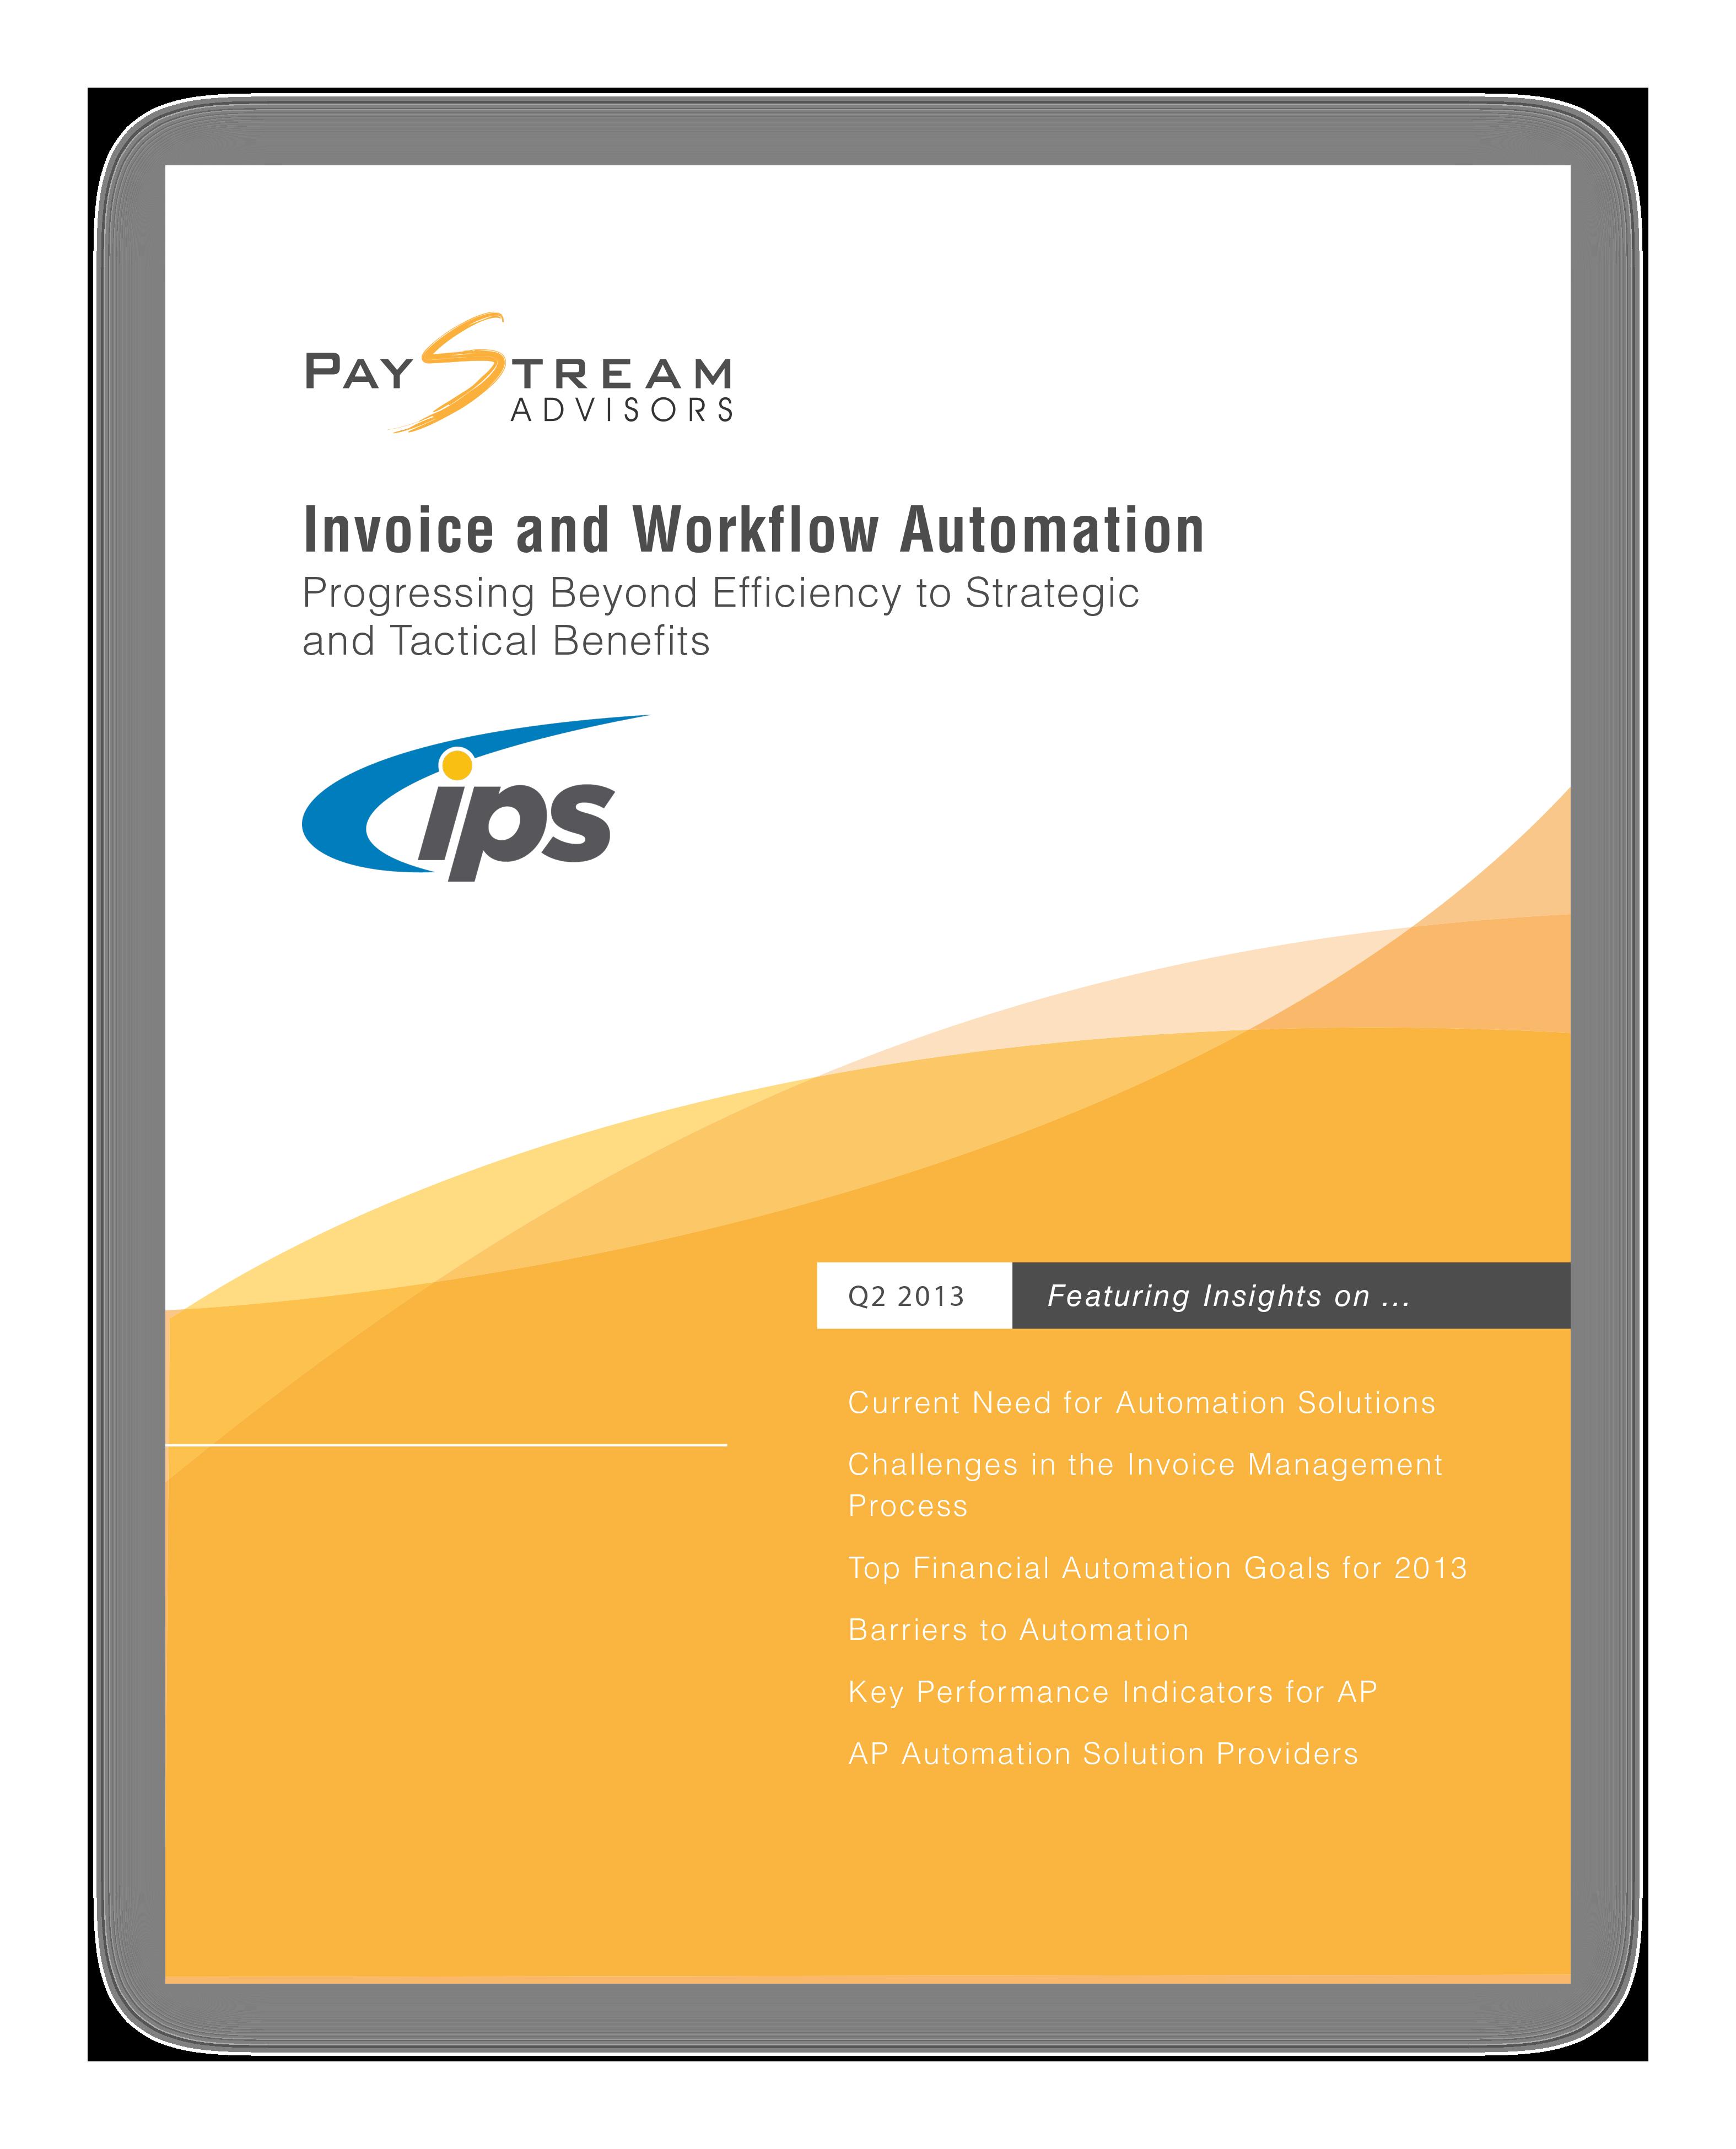 Paystream_Advisors_Report_IPS-cover v2